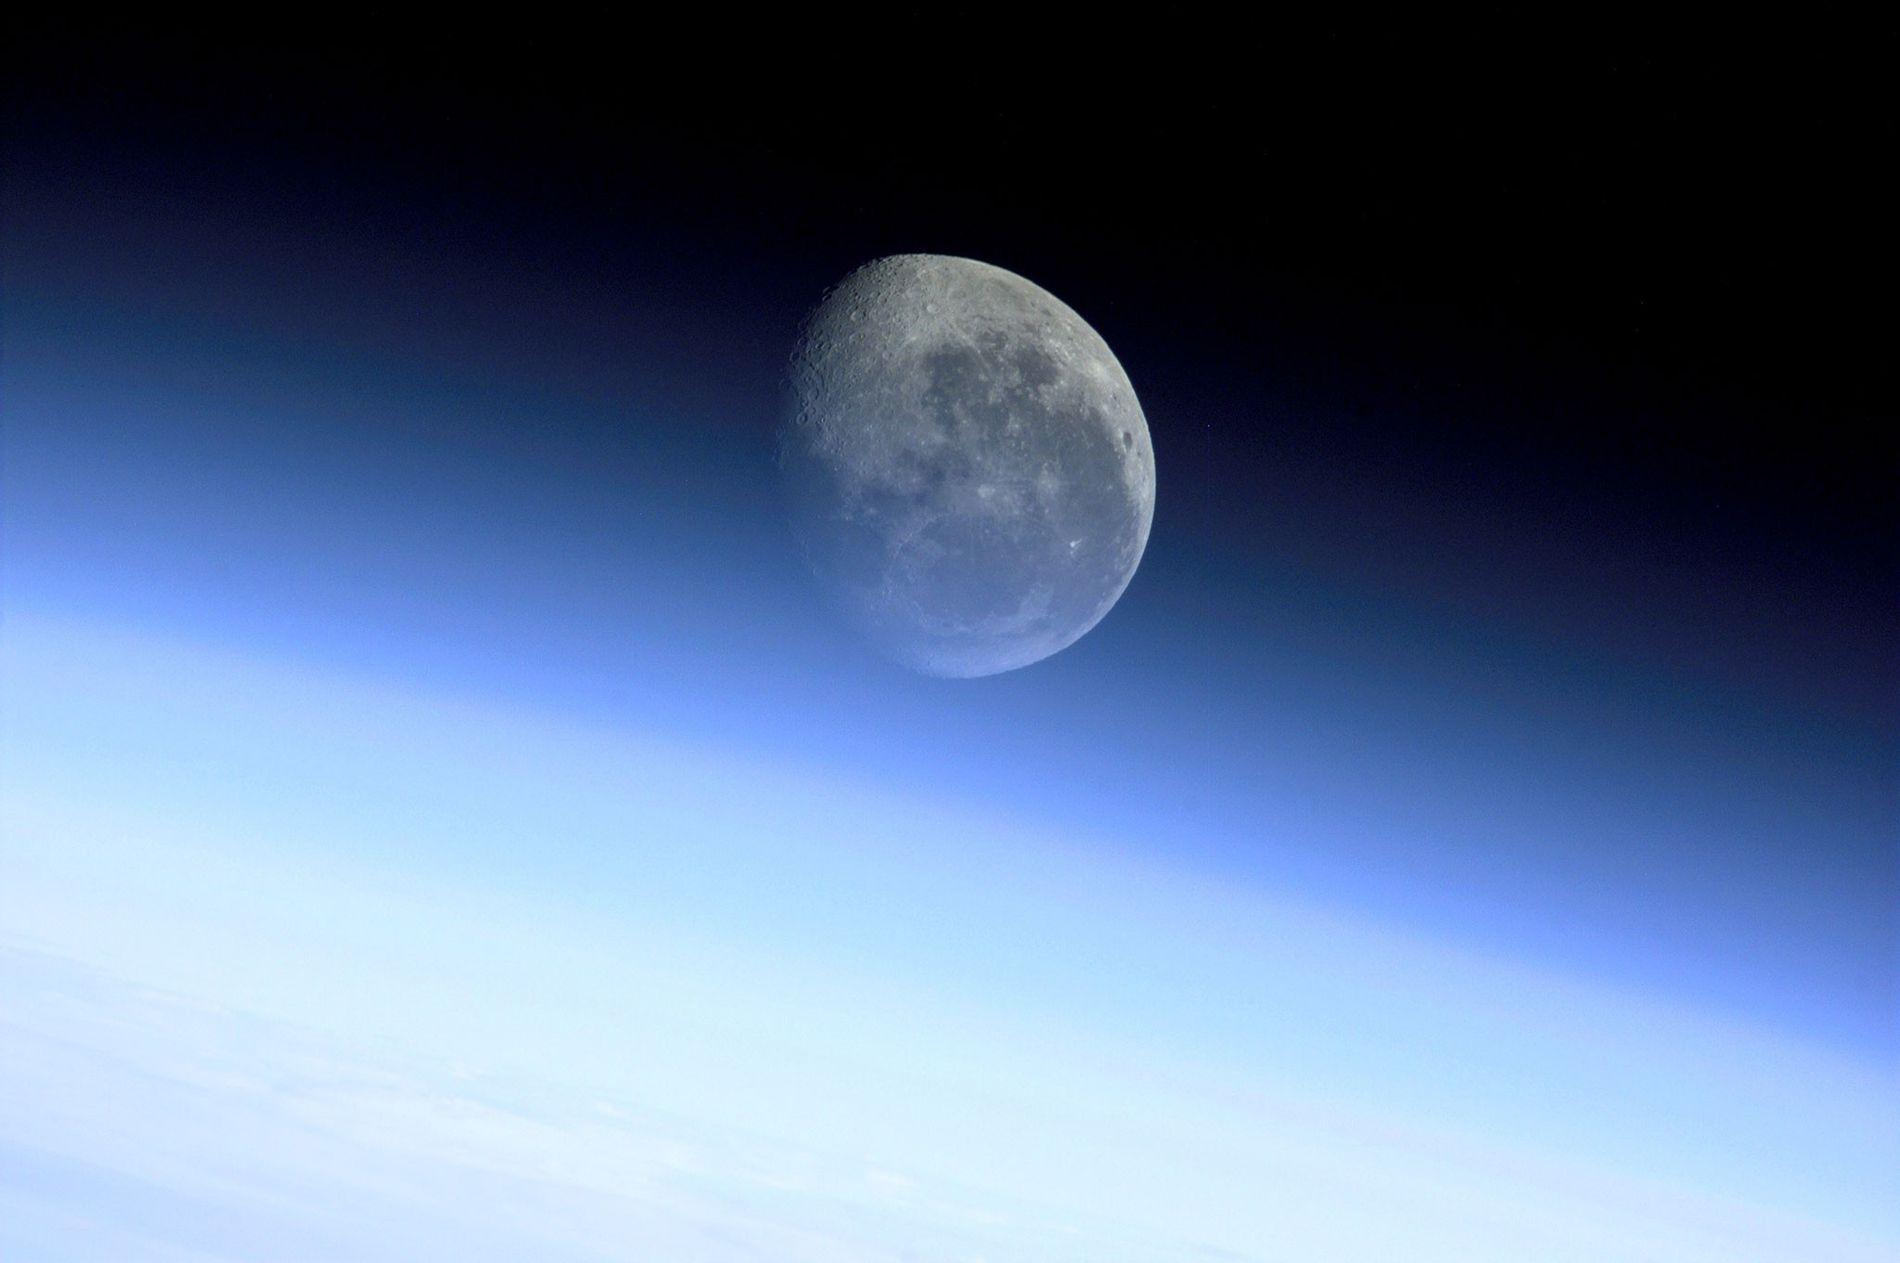 Lua a brilhar através da atmosfera da Terra